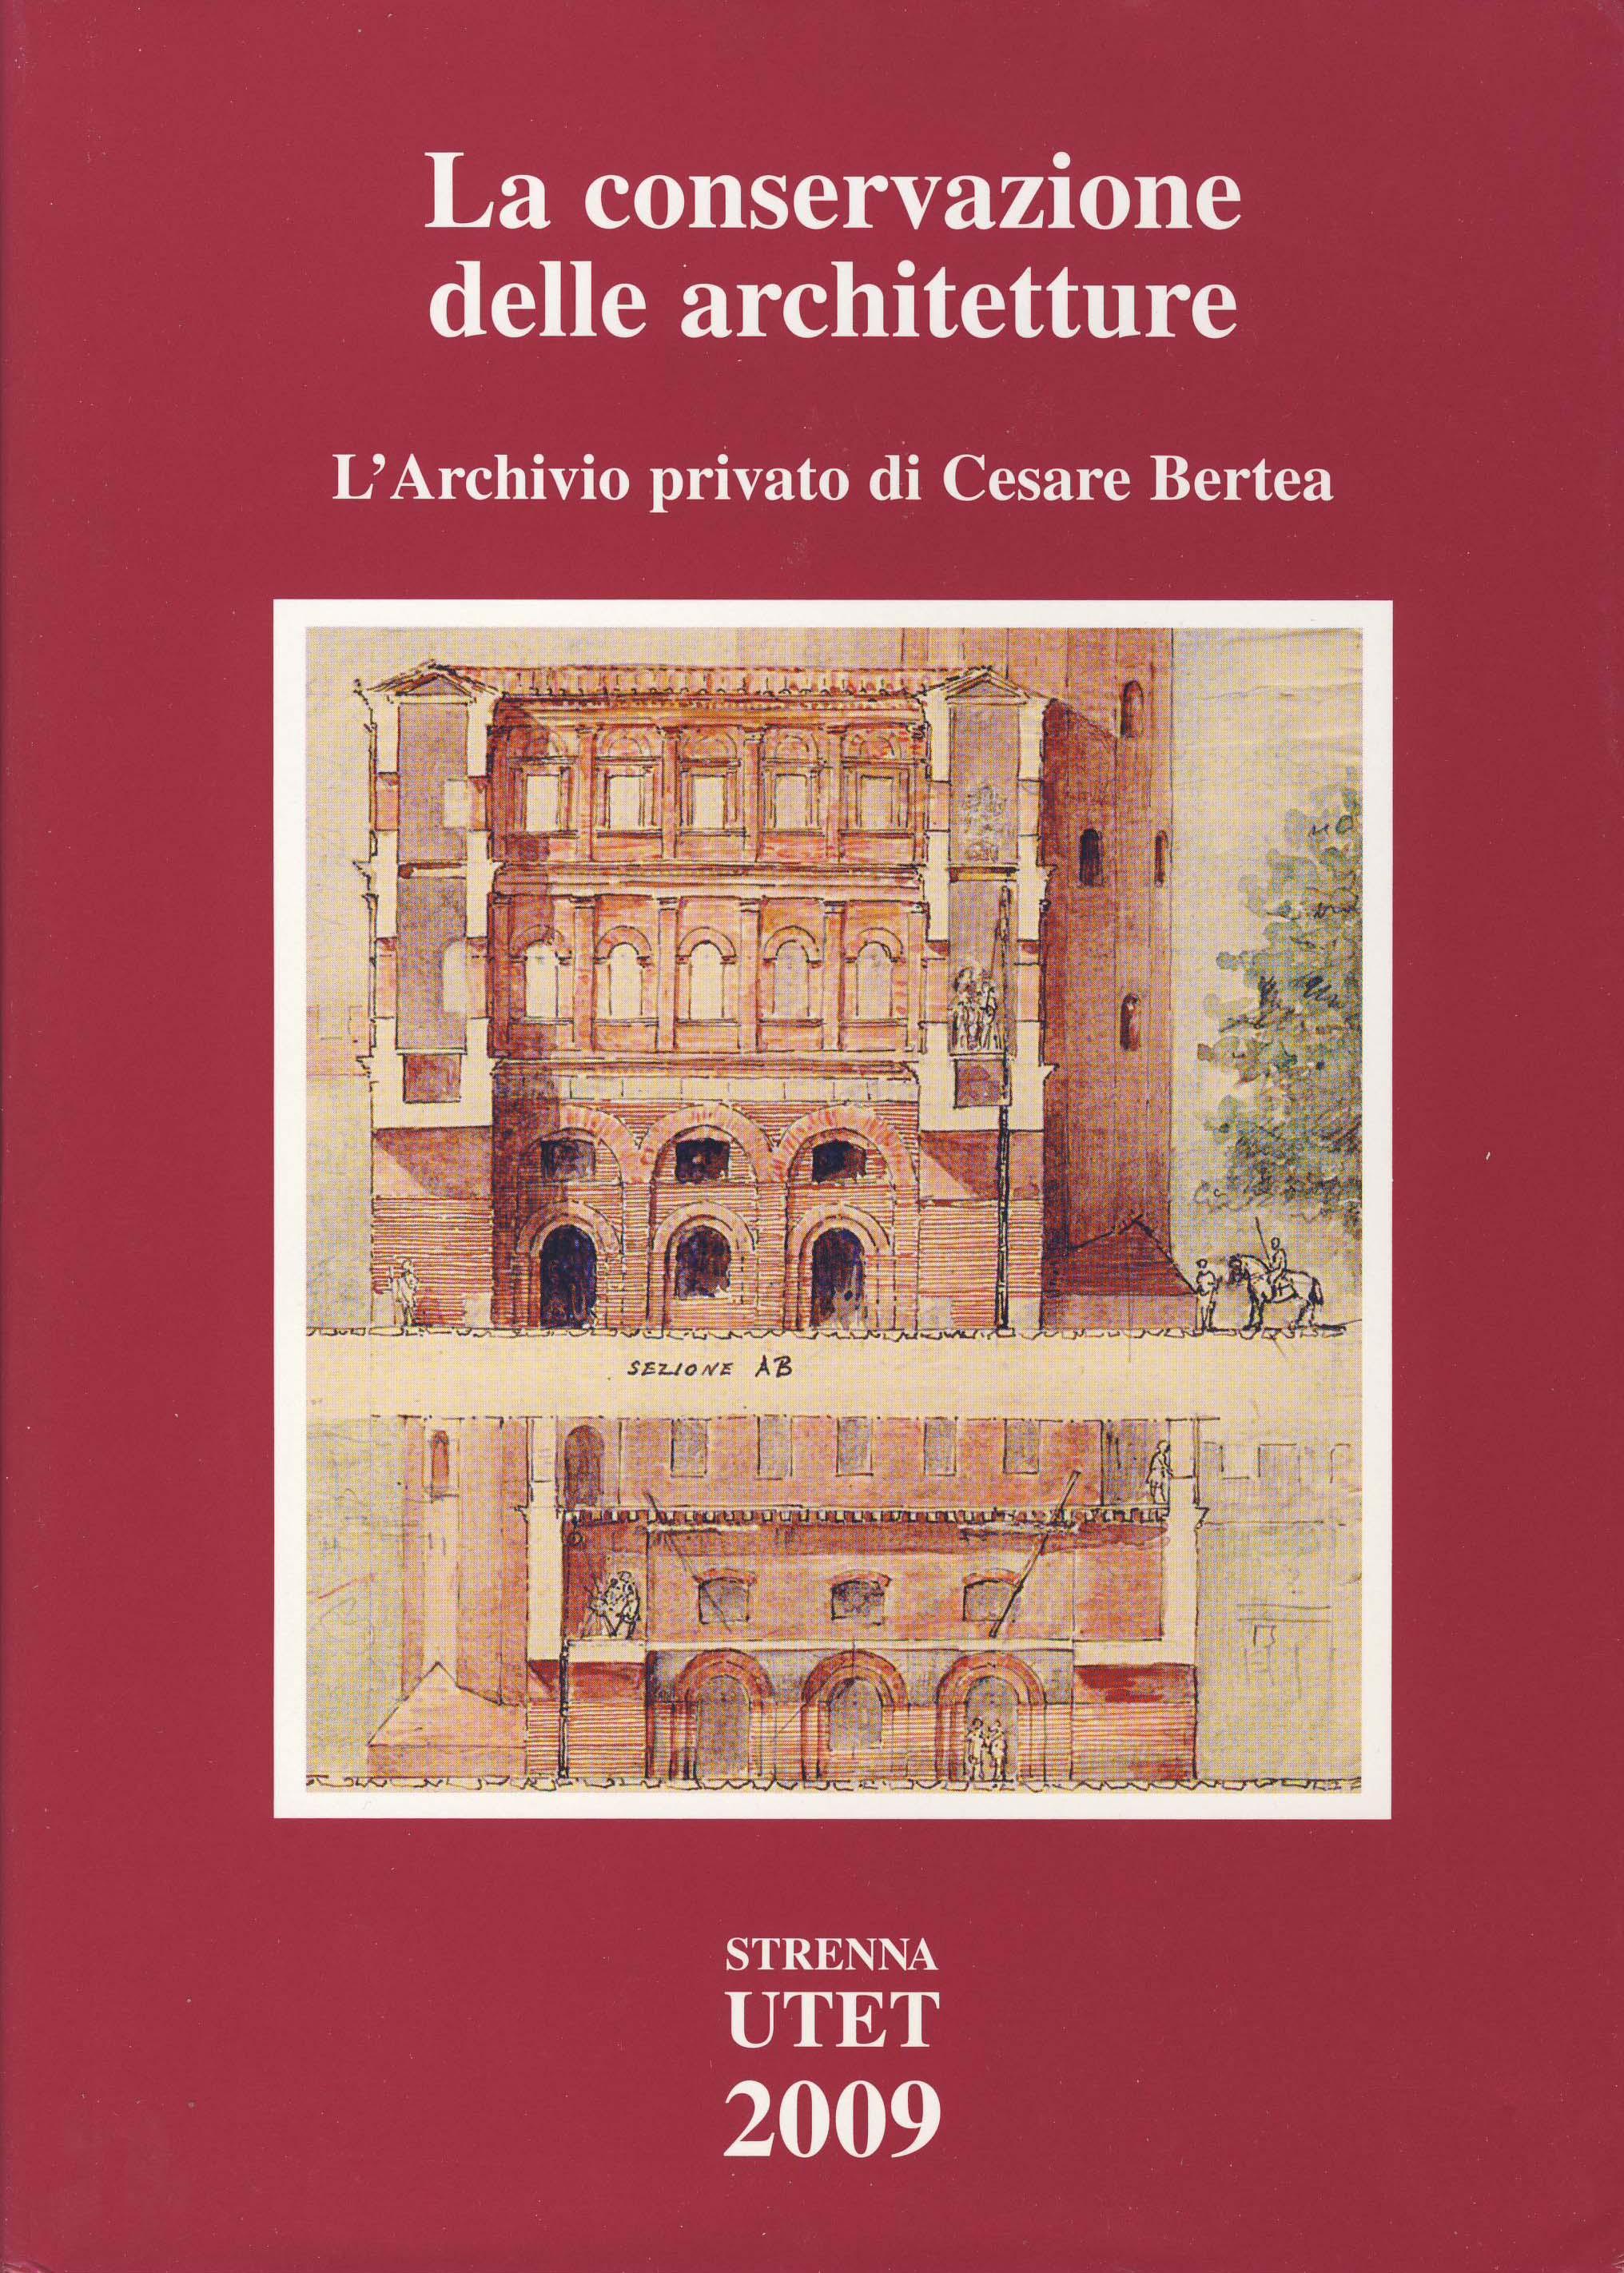 La conservazione delle architetture